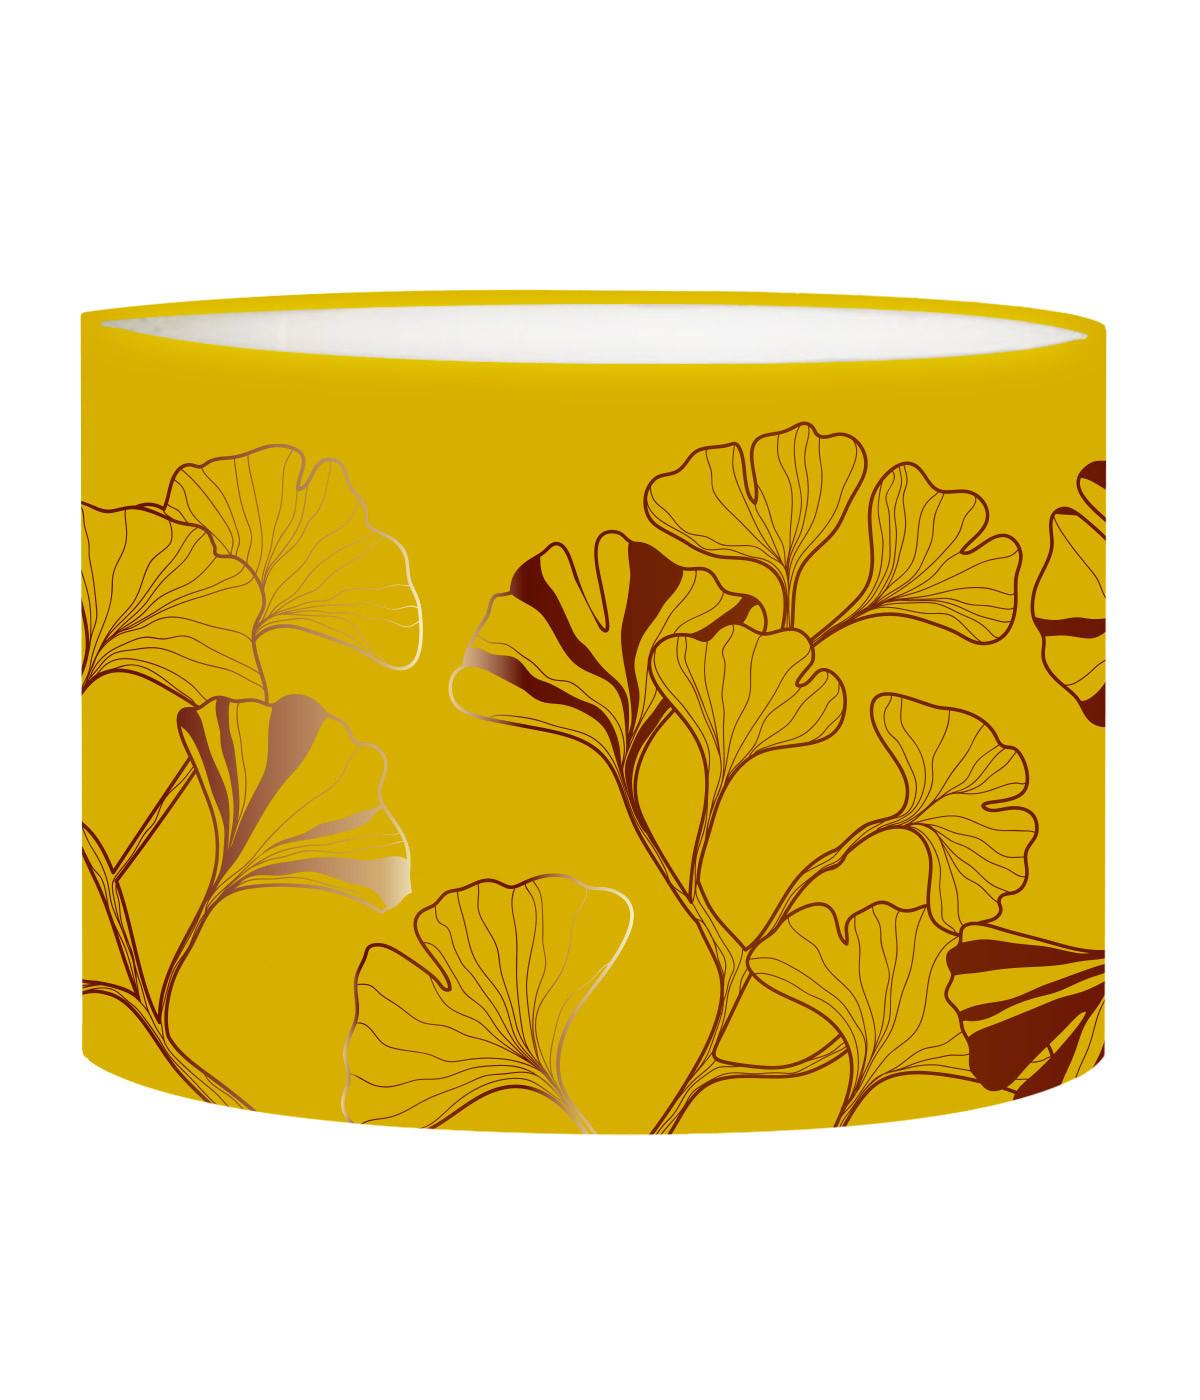 Abat-jour chevet Iris Jaune Moutarde D 25 x H 20